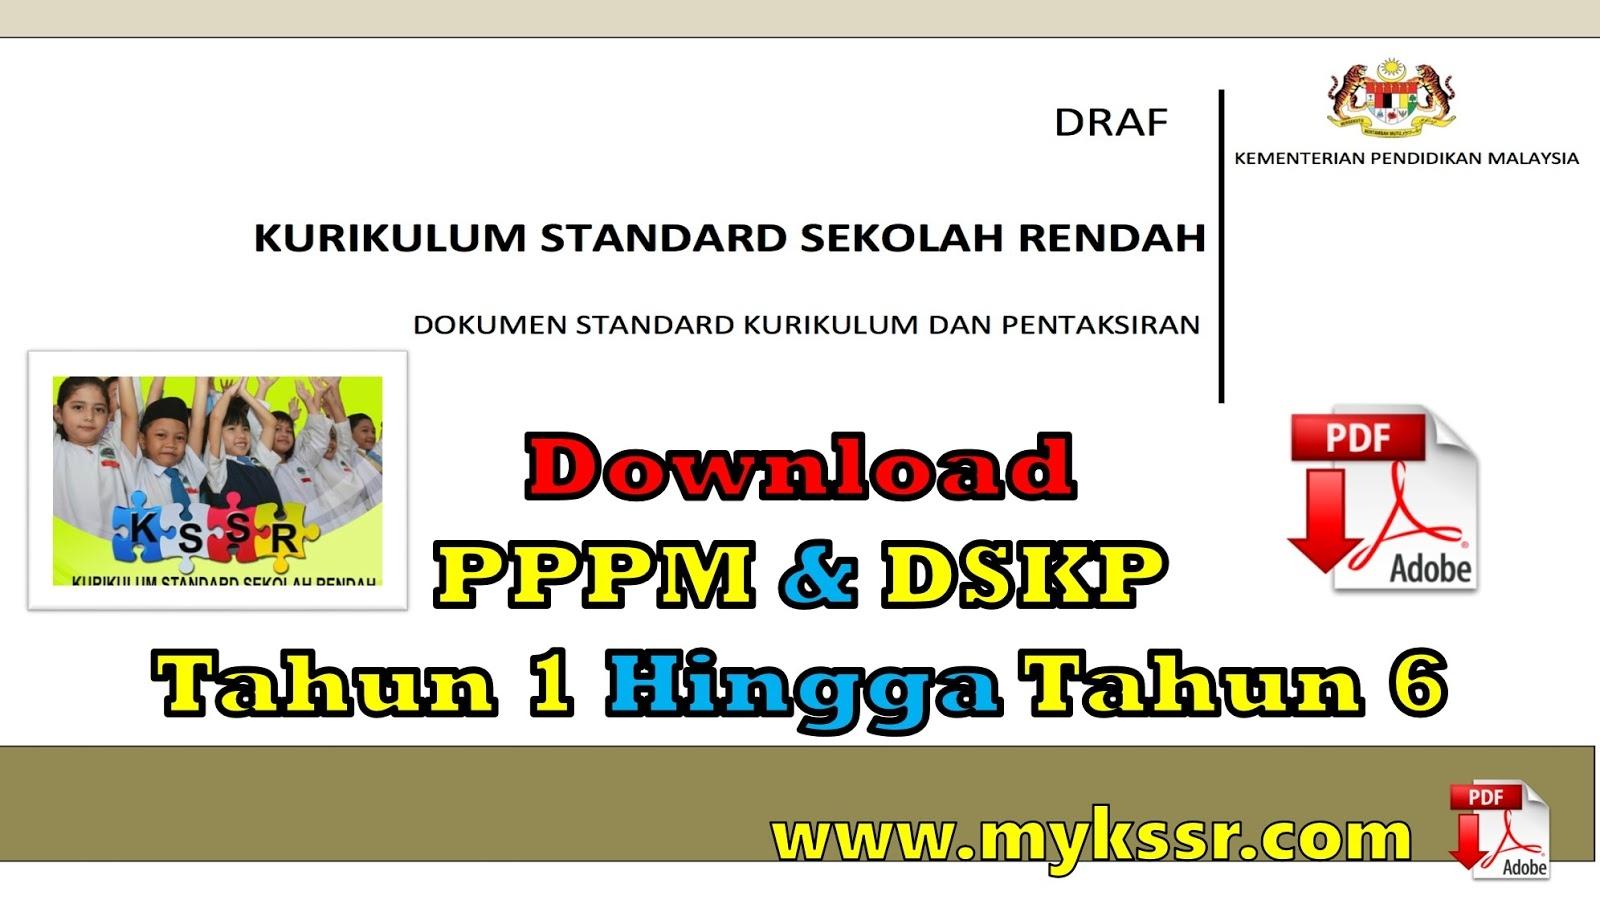 Download Dskp Bahasa Melayu Tahun 6 Berguna Download Pppm Dskp Tahun 1 Hingga Tahun 6 Mykssr Com Of Dapatkan Dskp Bahasa Melayu Tahun 6 Yang Bermanfaat Khas Untuk Ibubapa Muat Turun